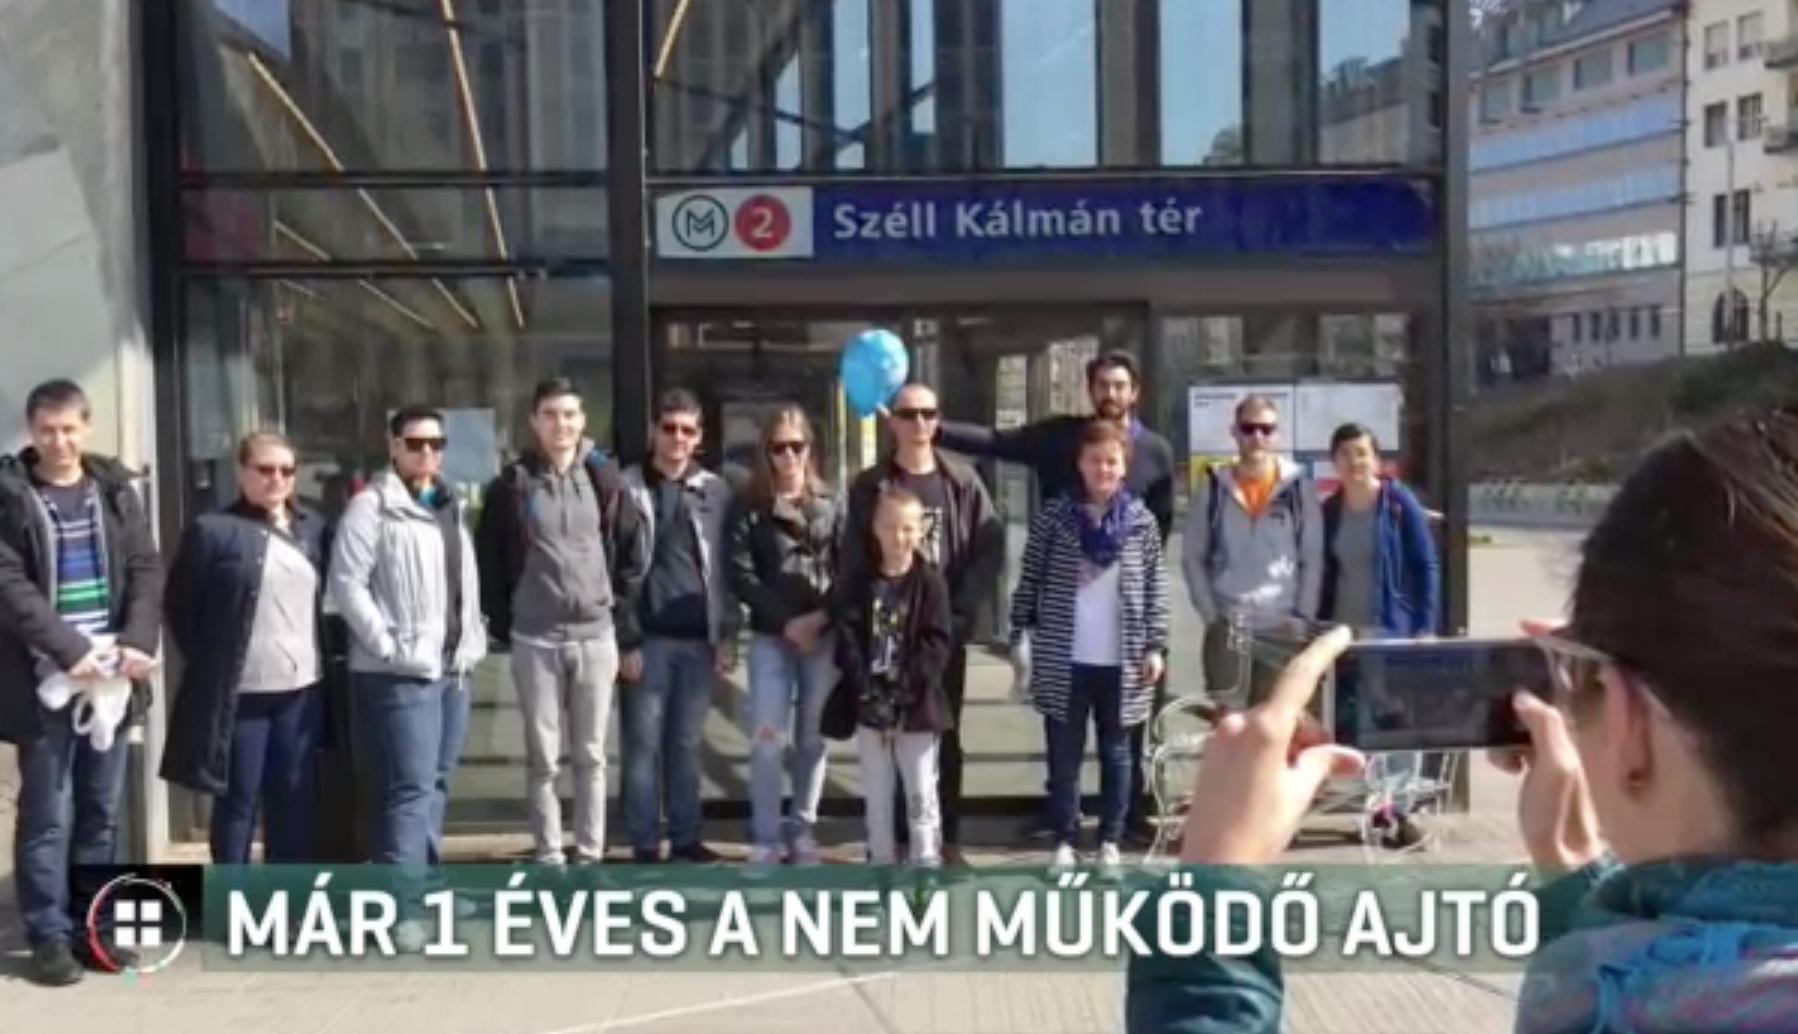 Megünnepelték az egy éve nem működő Széll Kálmán téri  metróajtó szülinapját